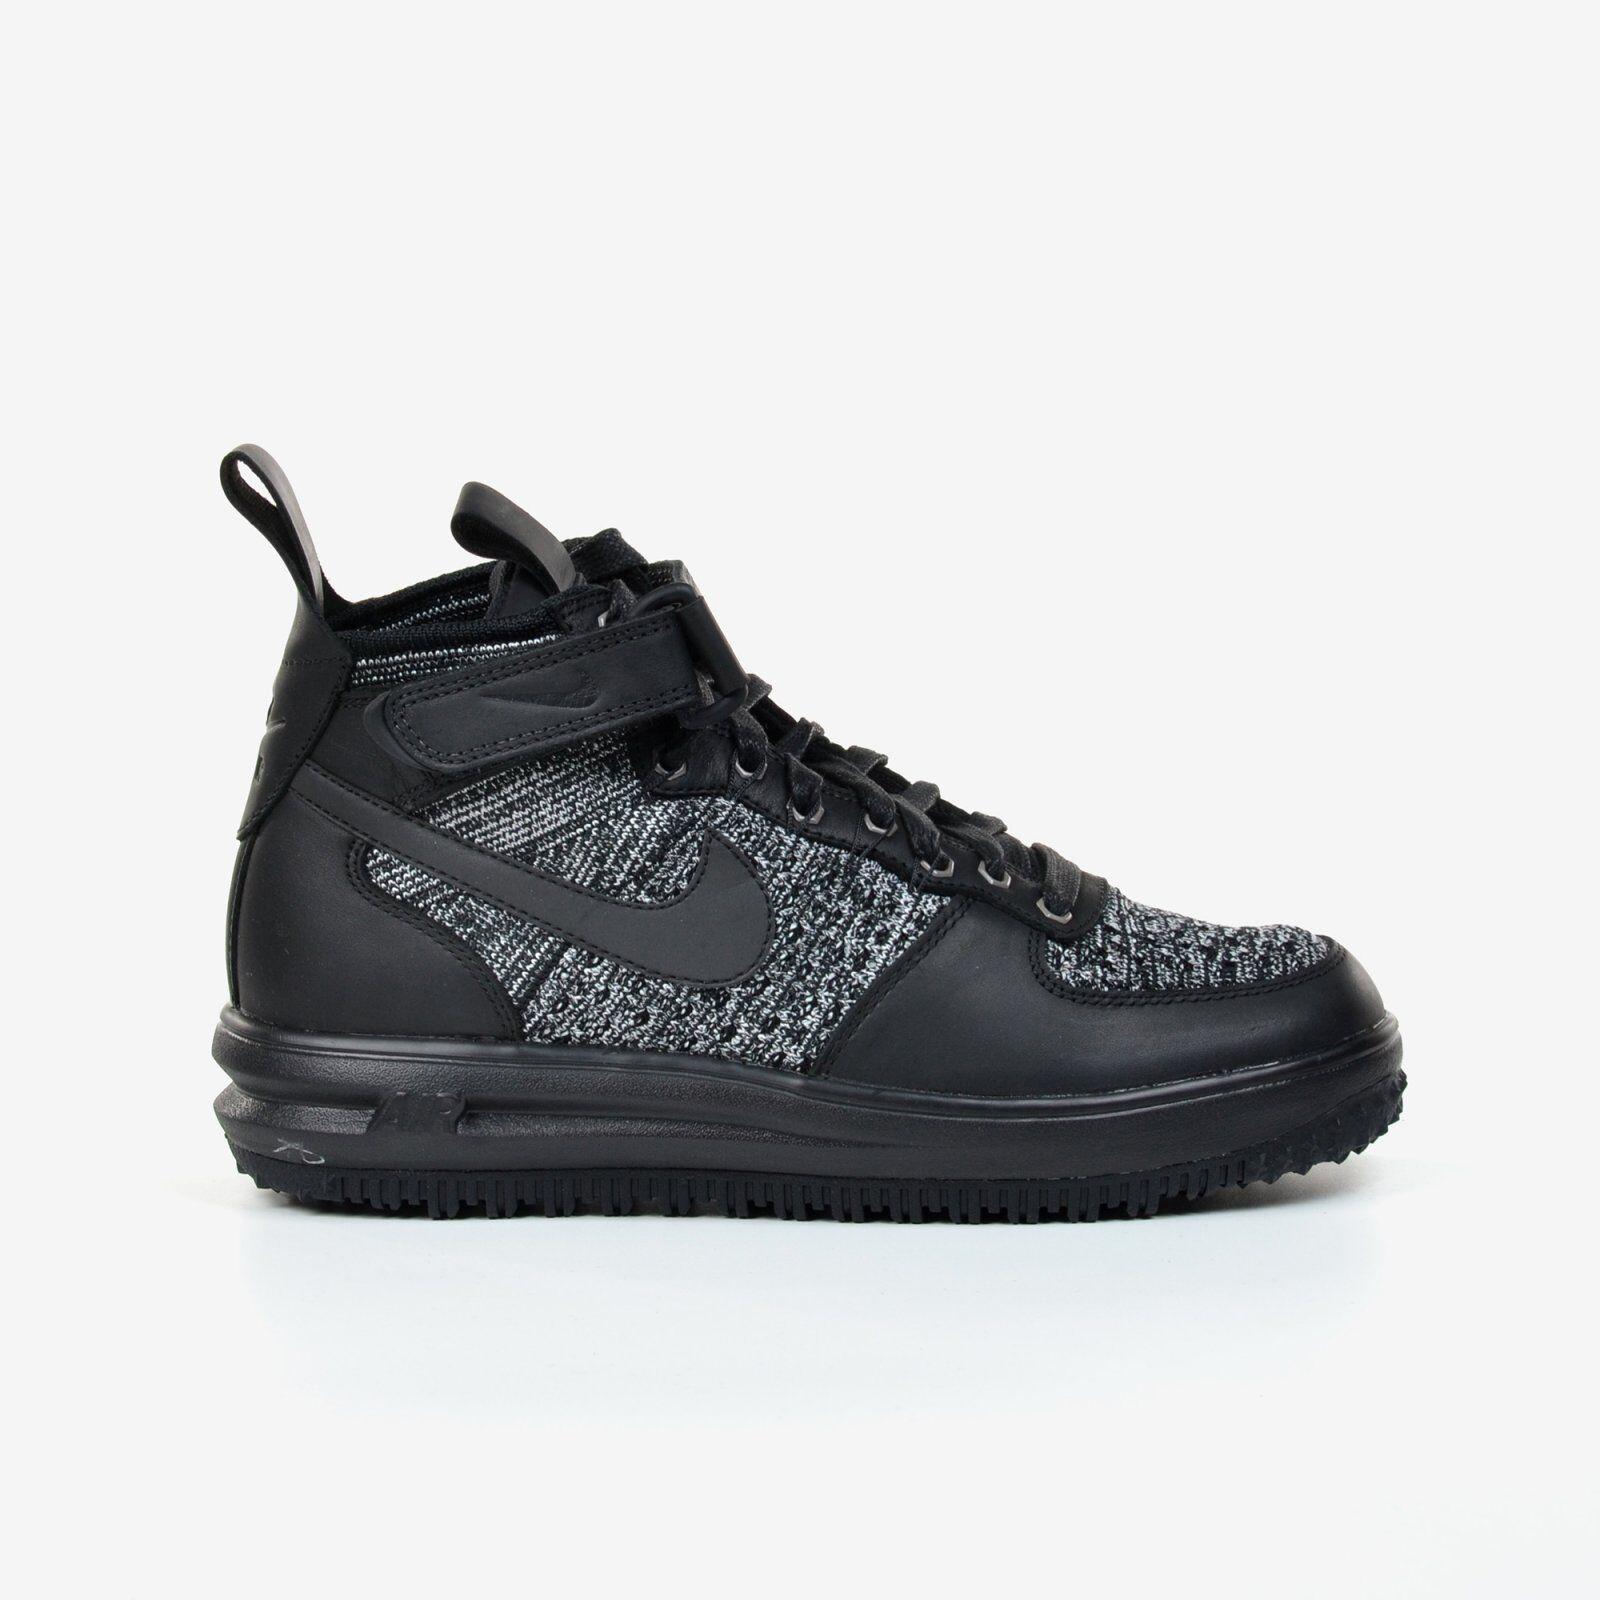 new product f9ba0 d031e Nike Women s Lunar Force 1 LF1 Flyknit Workboot Black Grey 2017 White 860558 -001